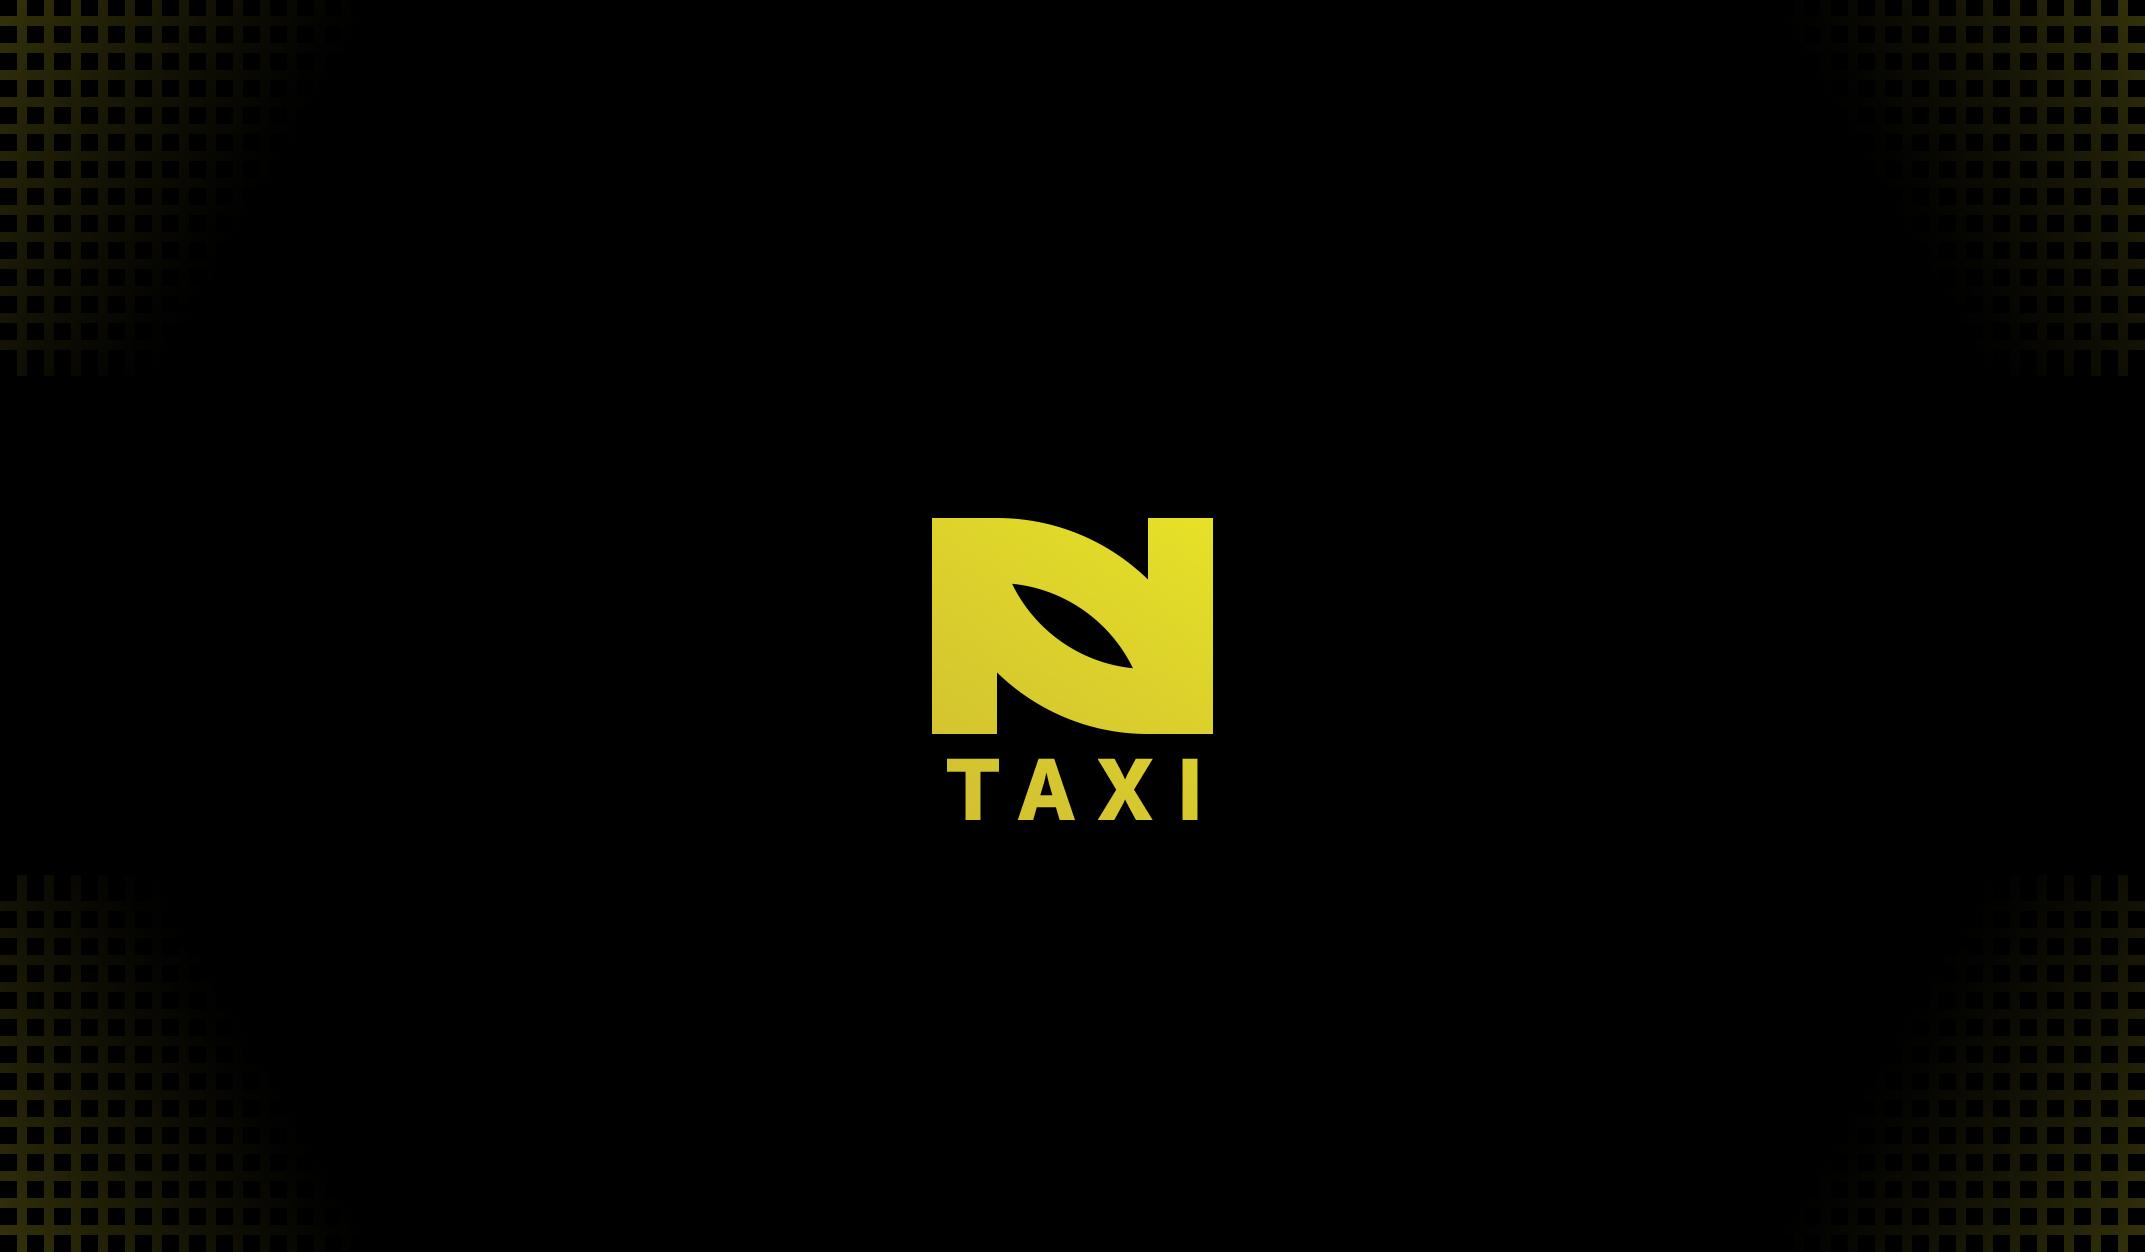 Разработка логотипа и фирменного стиля для такси фото f_3565b98087c3e590.jpg